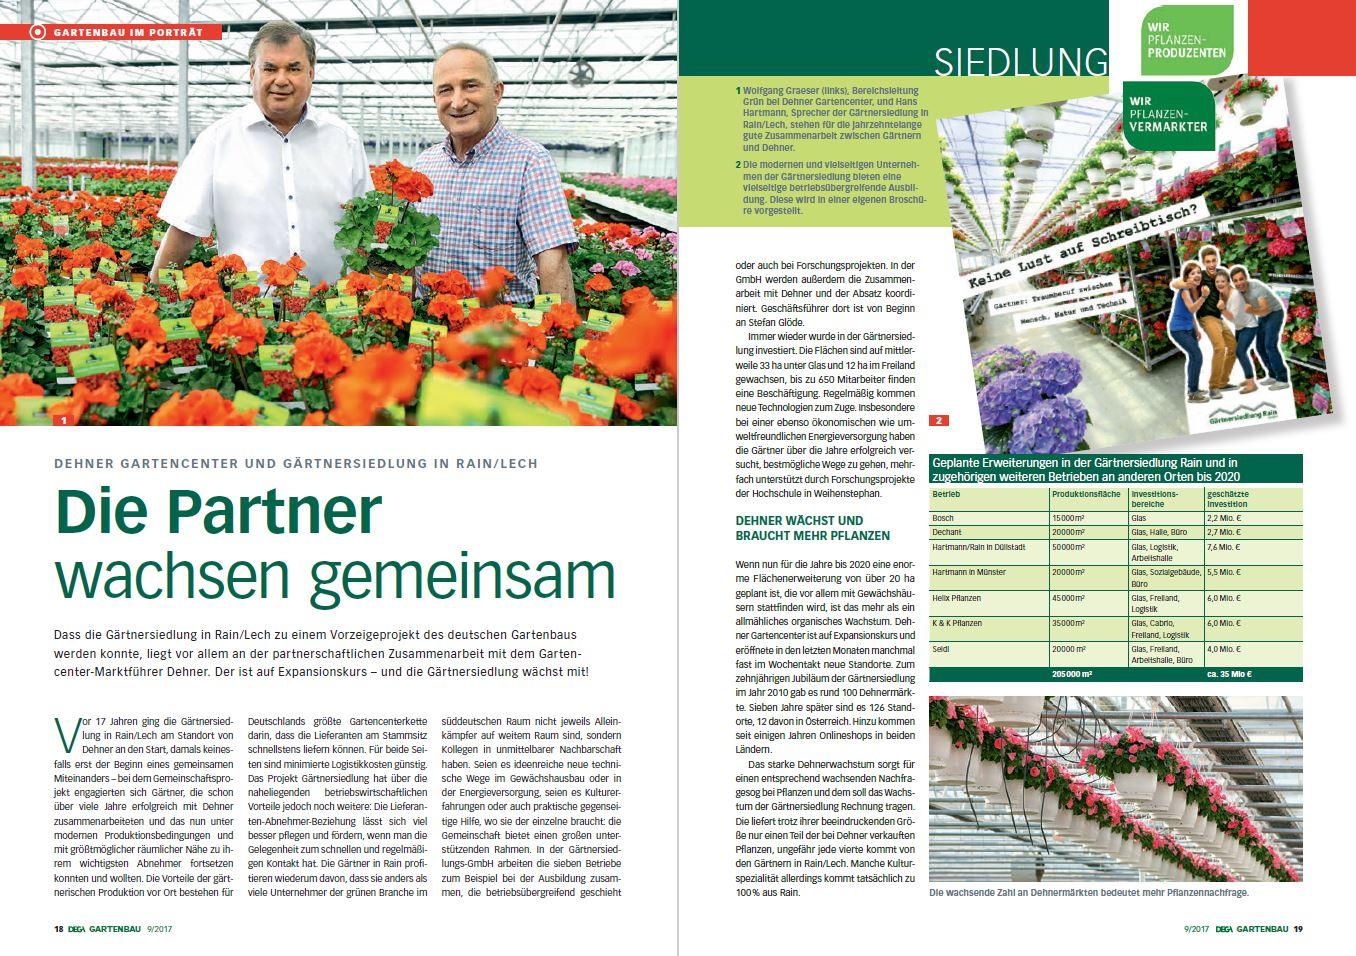 DEGA_2017-09 Die Partner wachsen gemeinsam-1